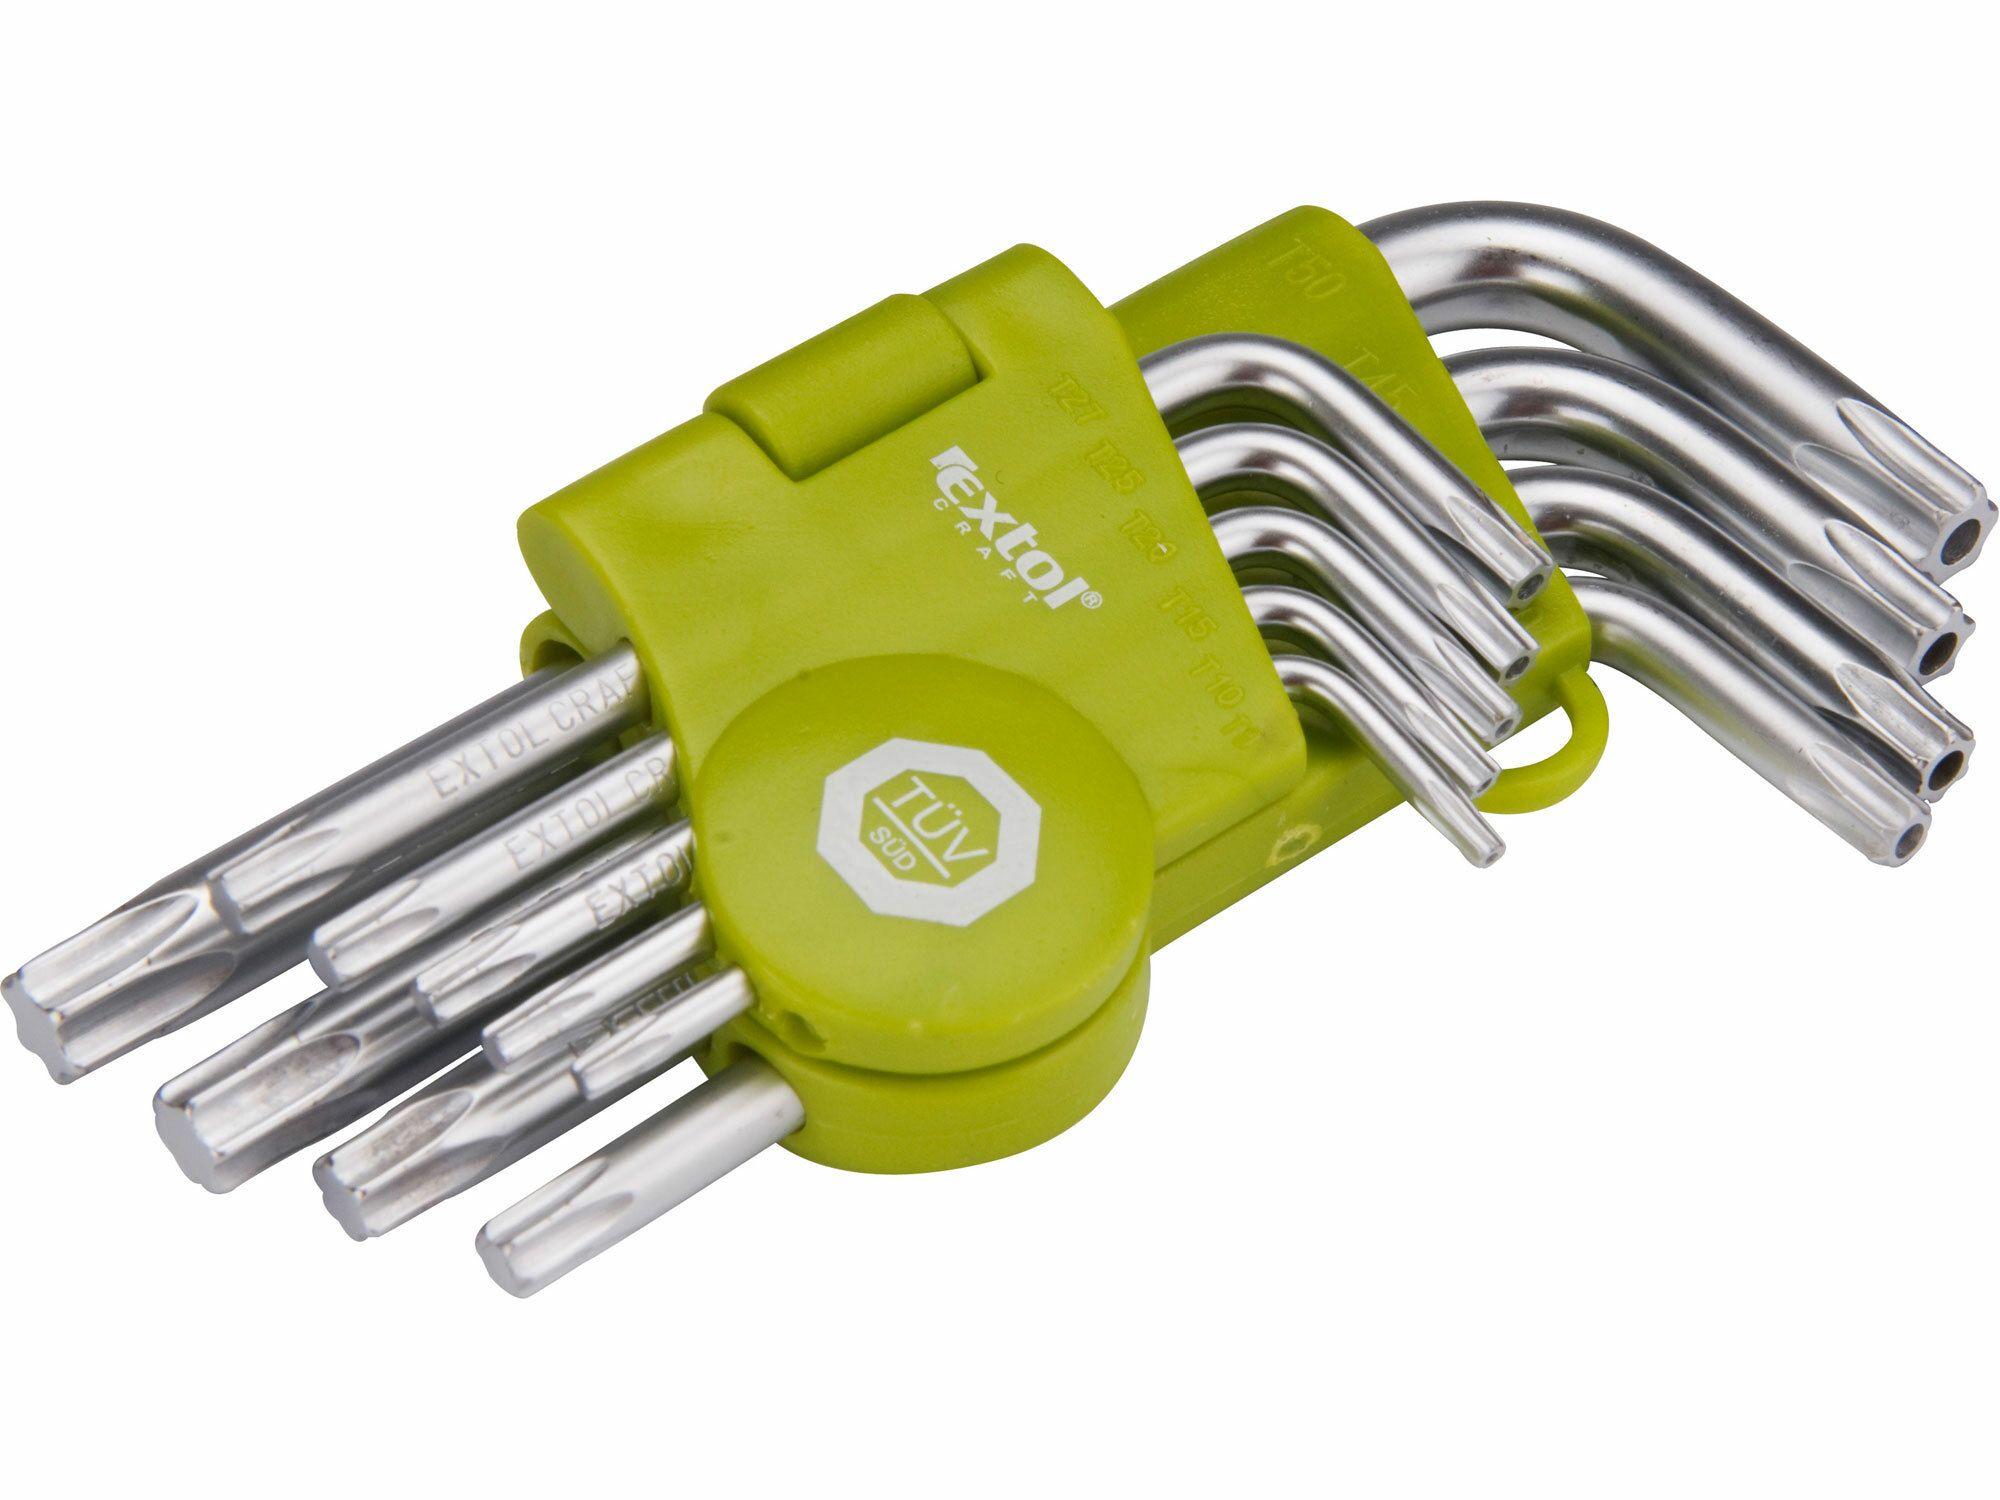 L-klíče TORX krátké, sada 9ks, T 10-15-20-25-27-30-40-45-50 EXTOL-CRAFT